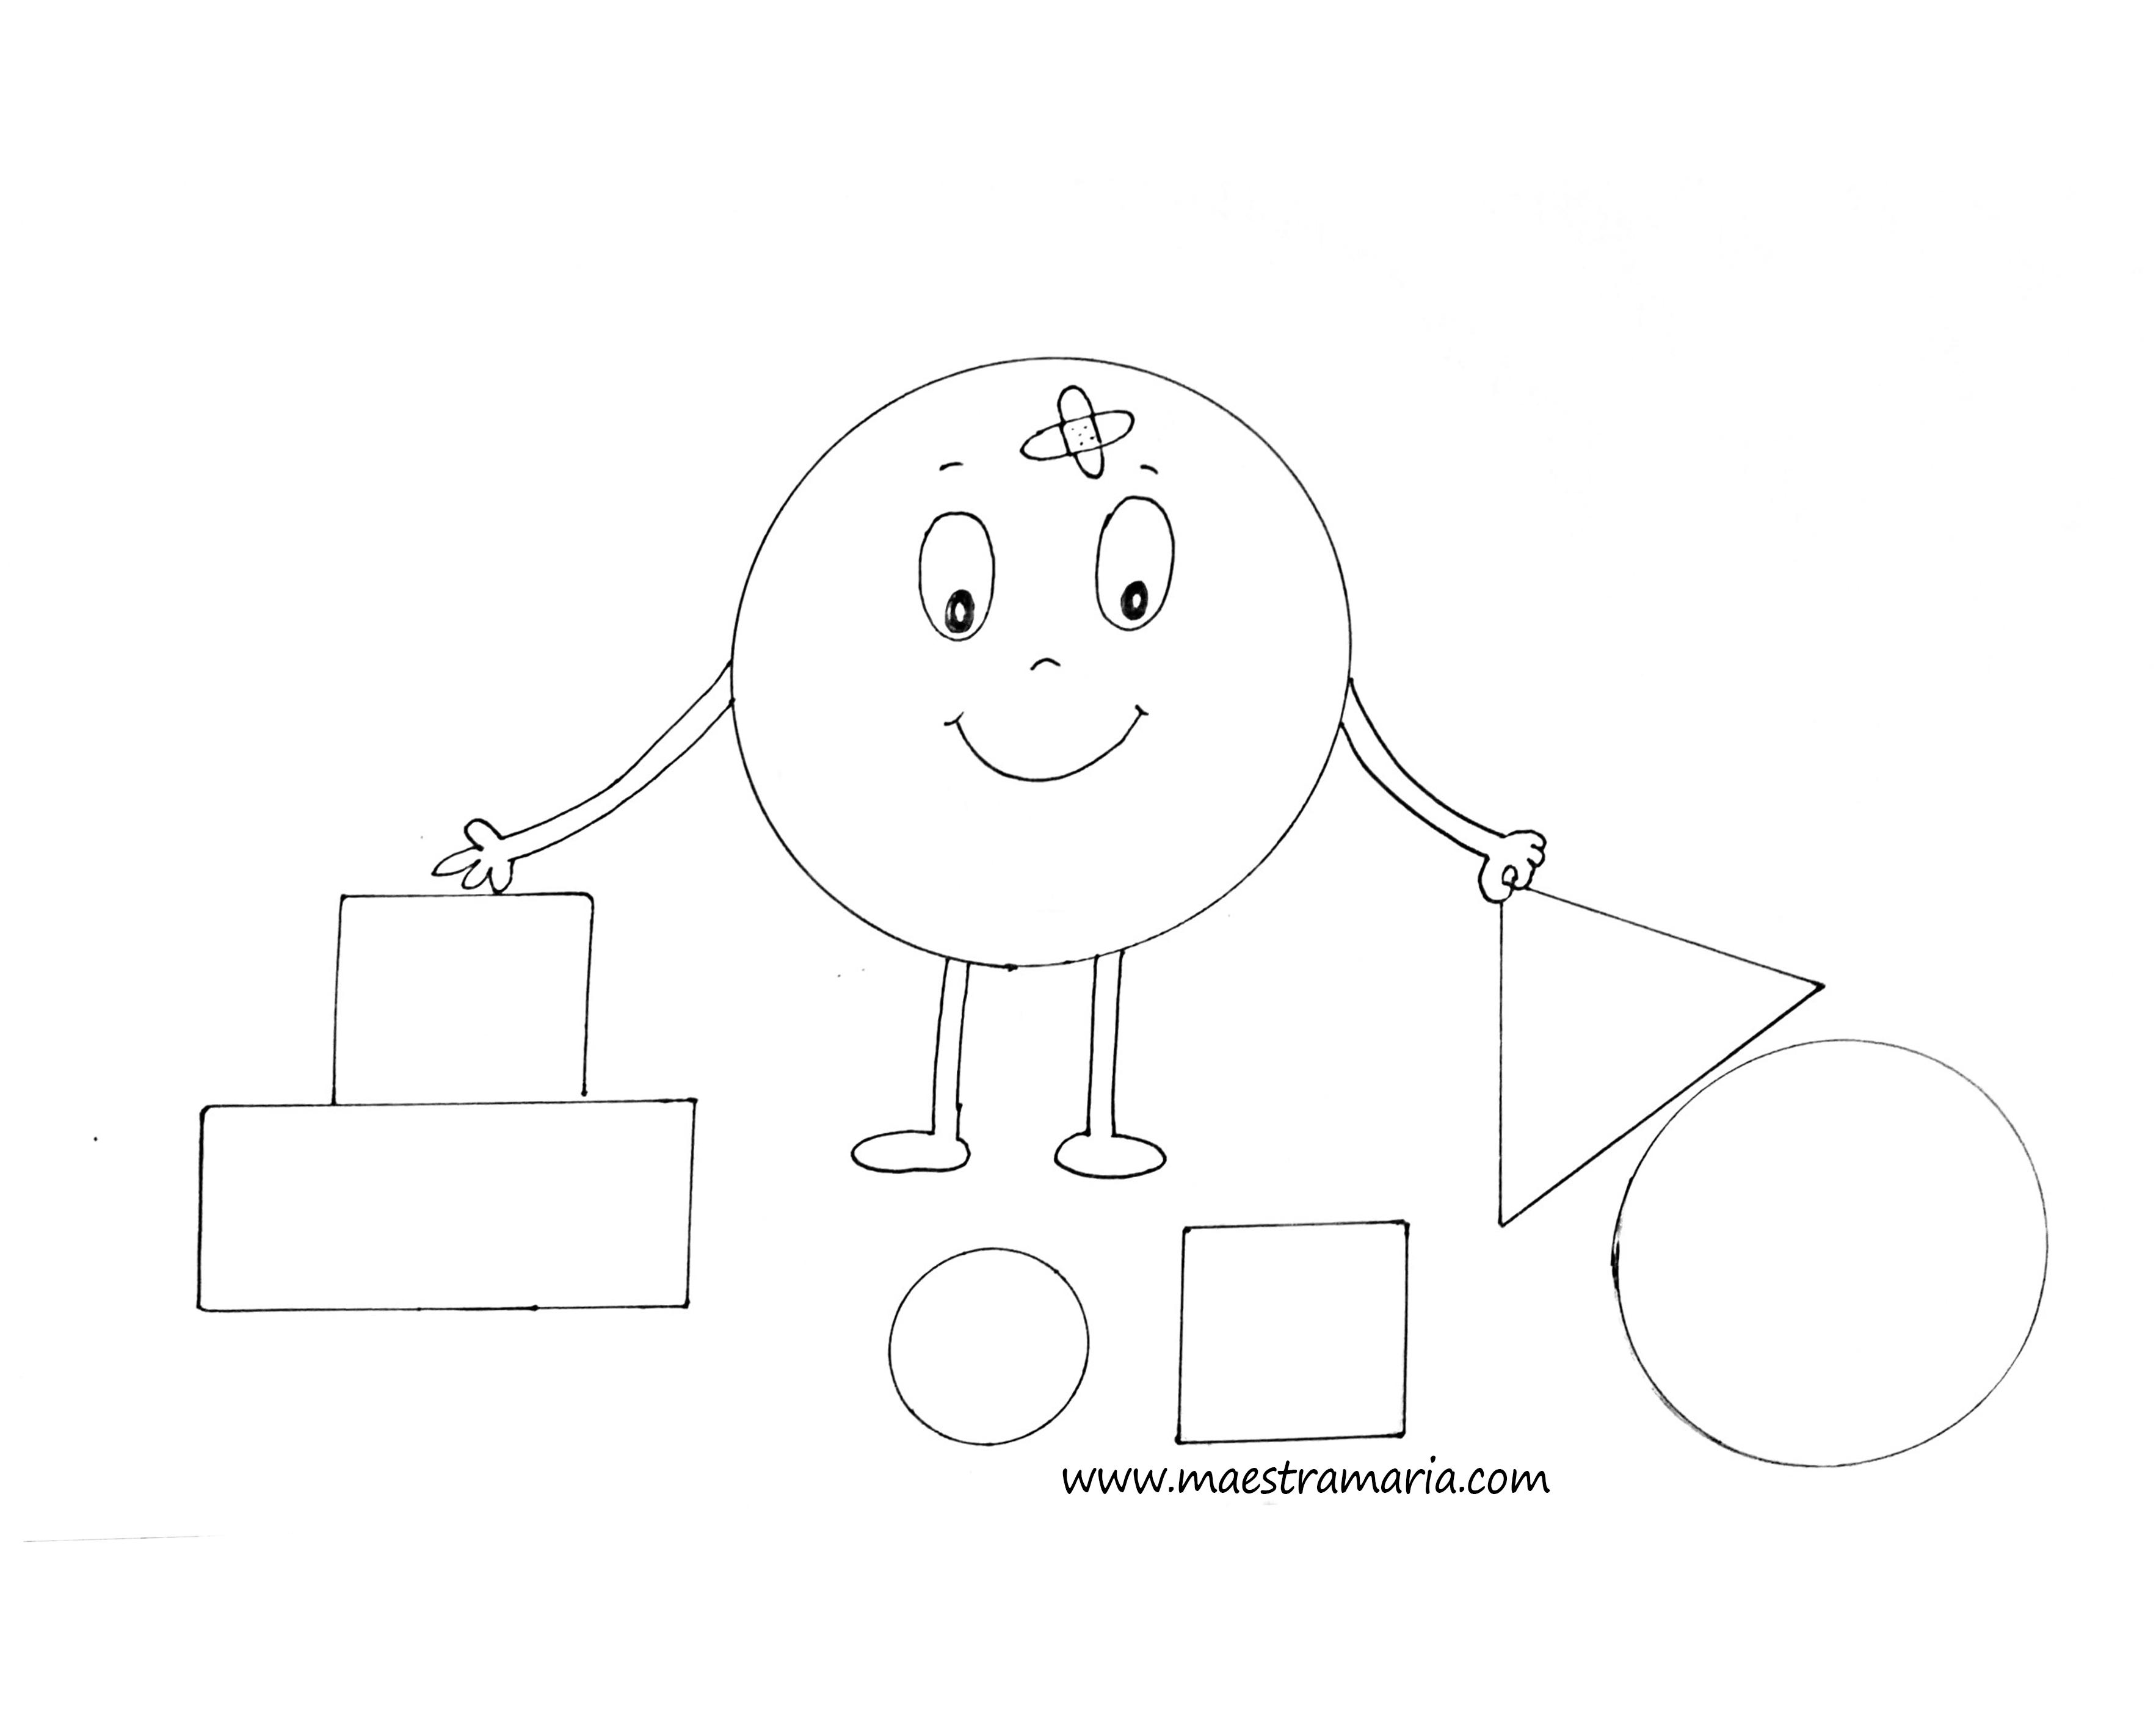 figure geometriche - maestra maria